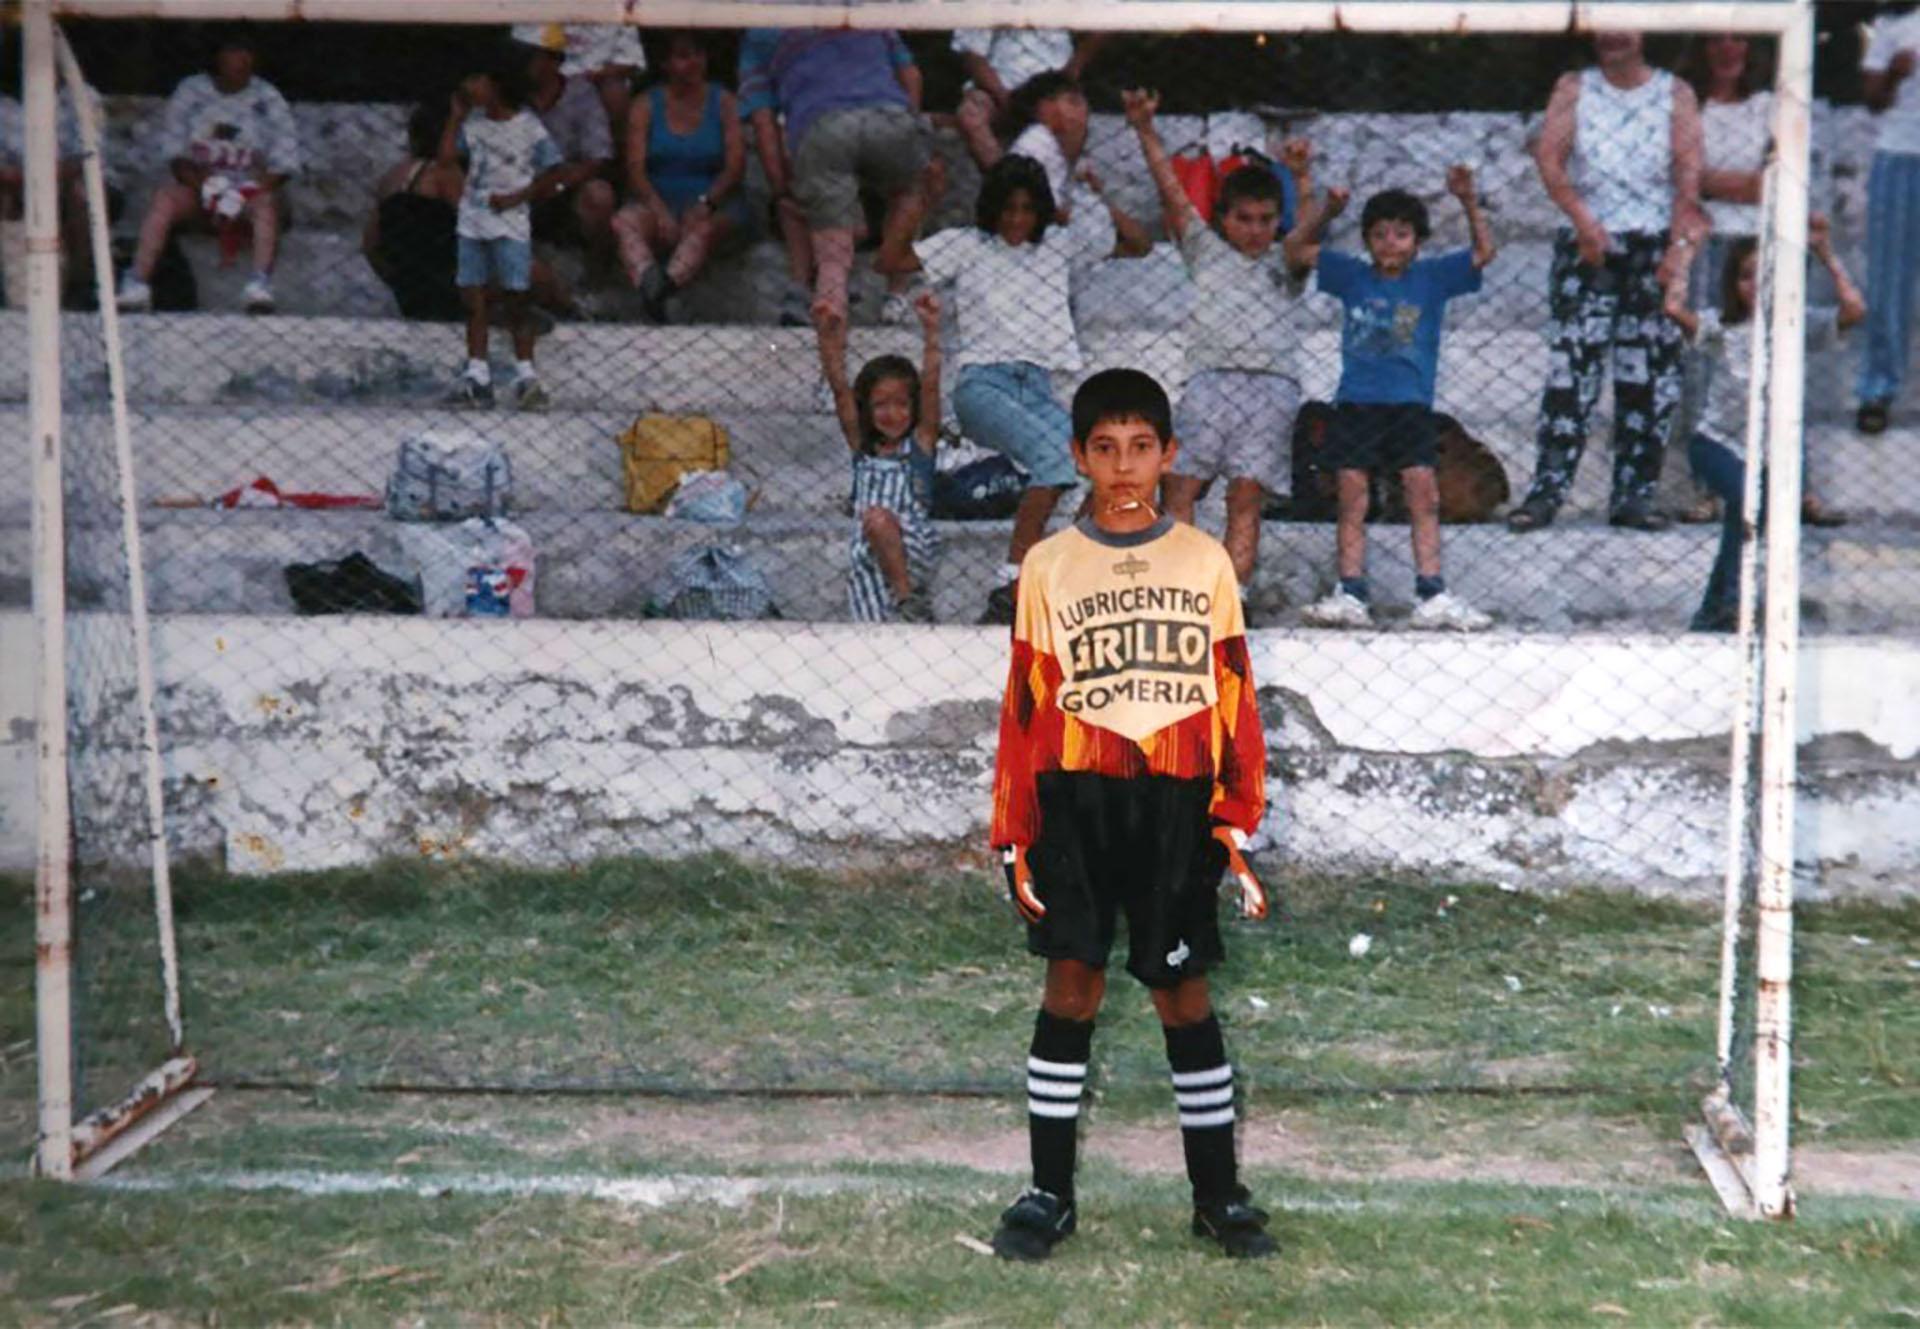 Esteban Andrada, joven promesa del fútbol mendocino